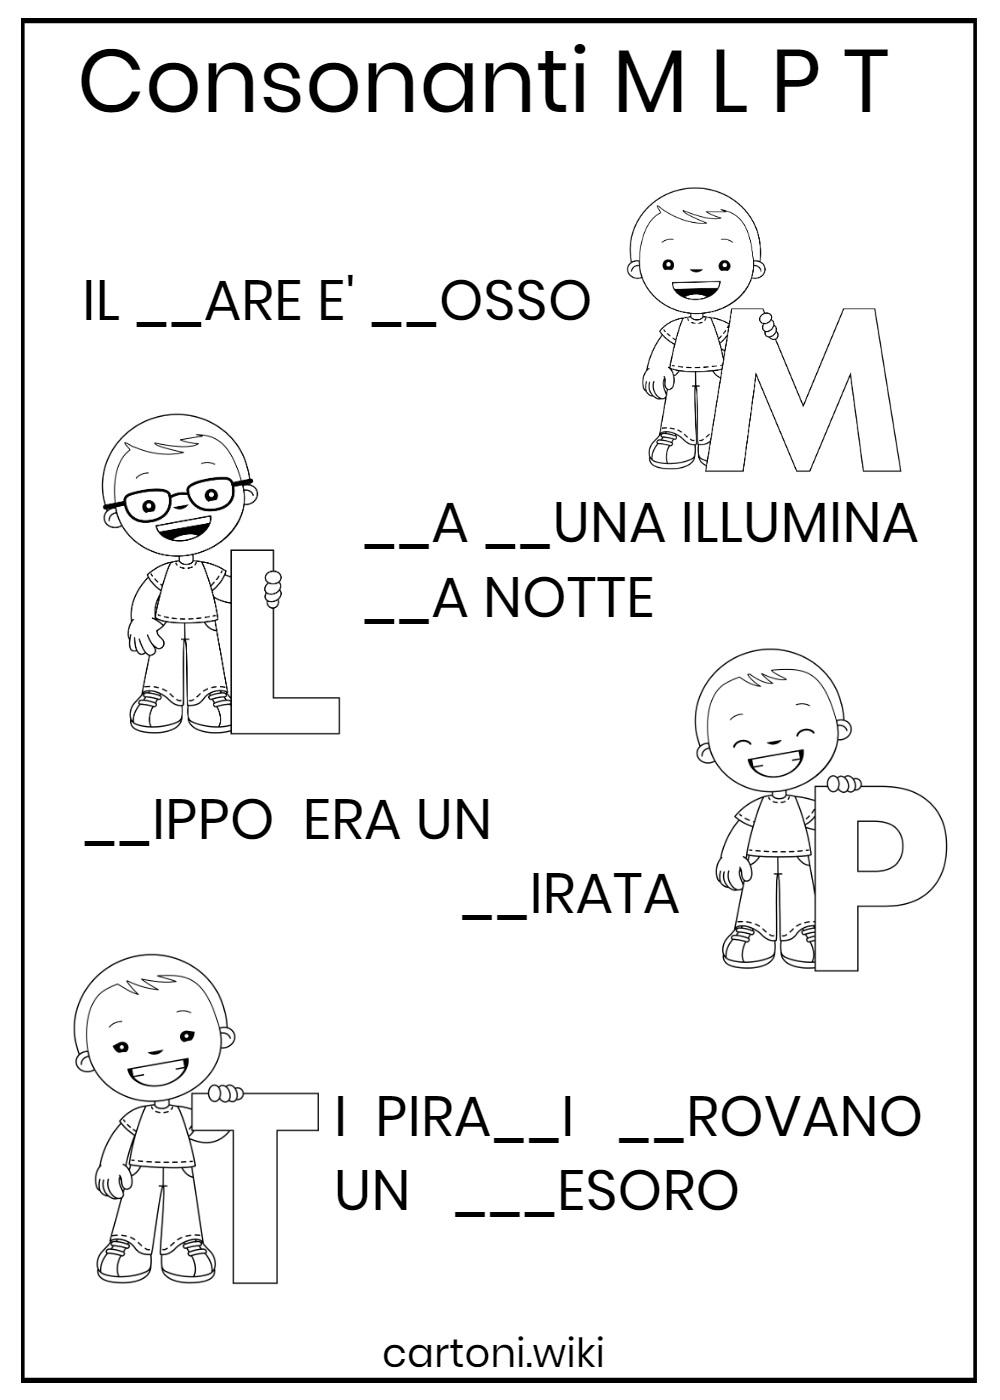 Consonanti M L P T